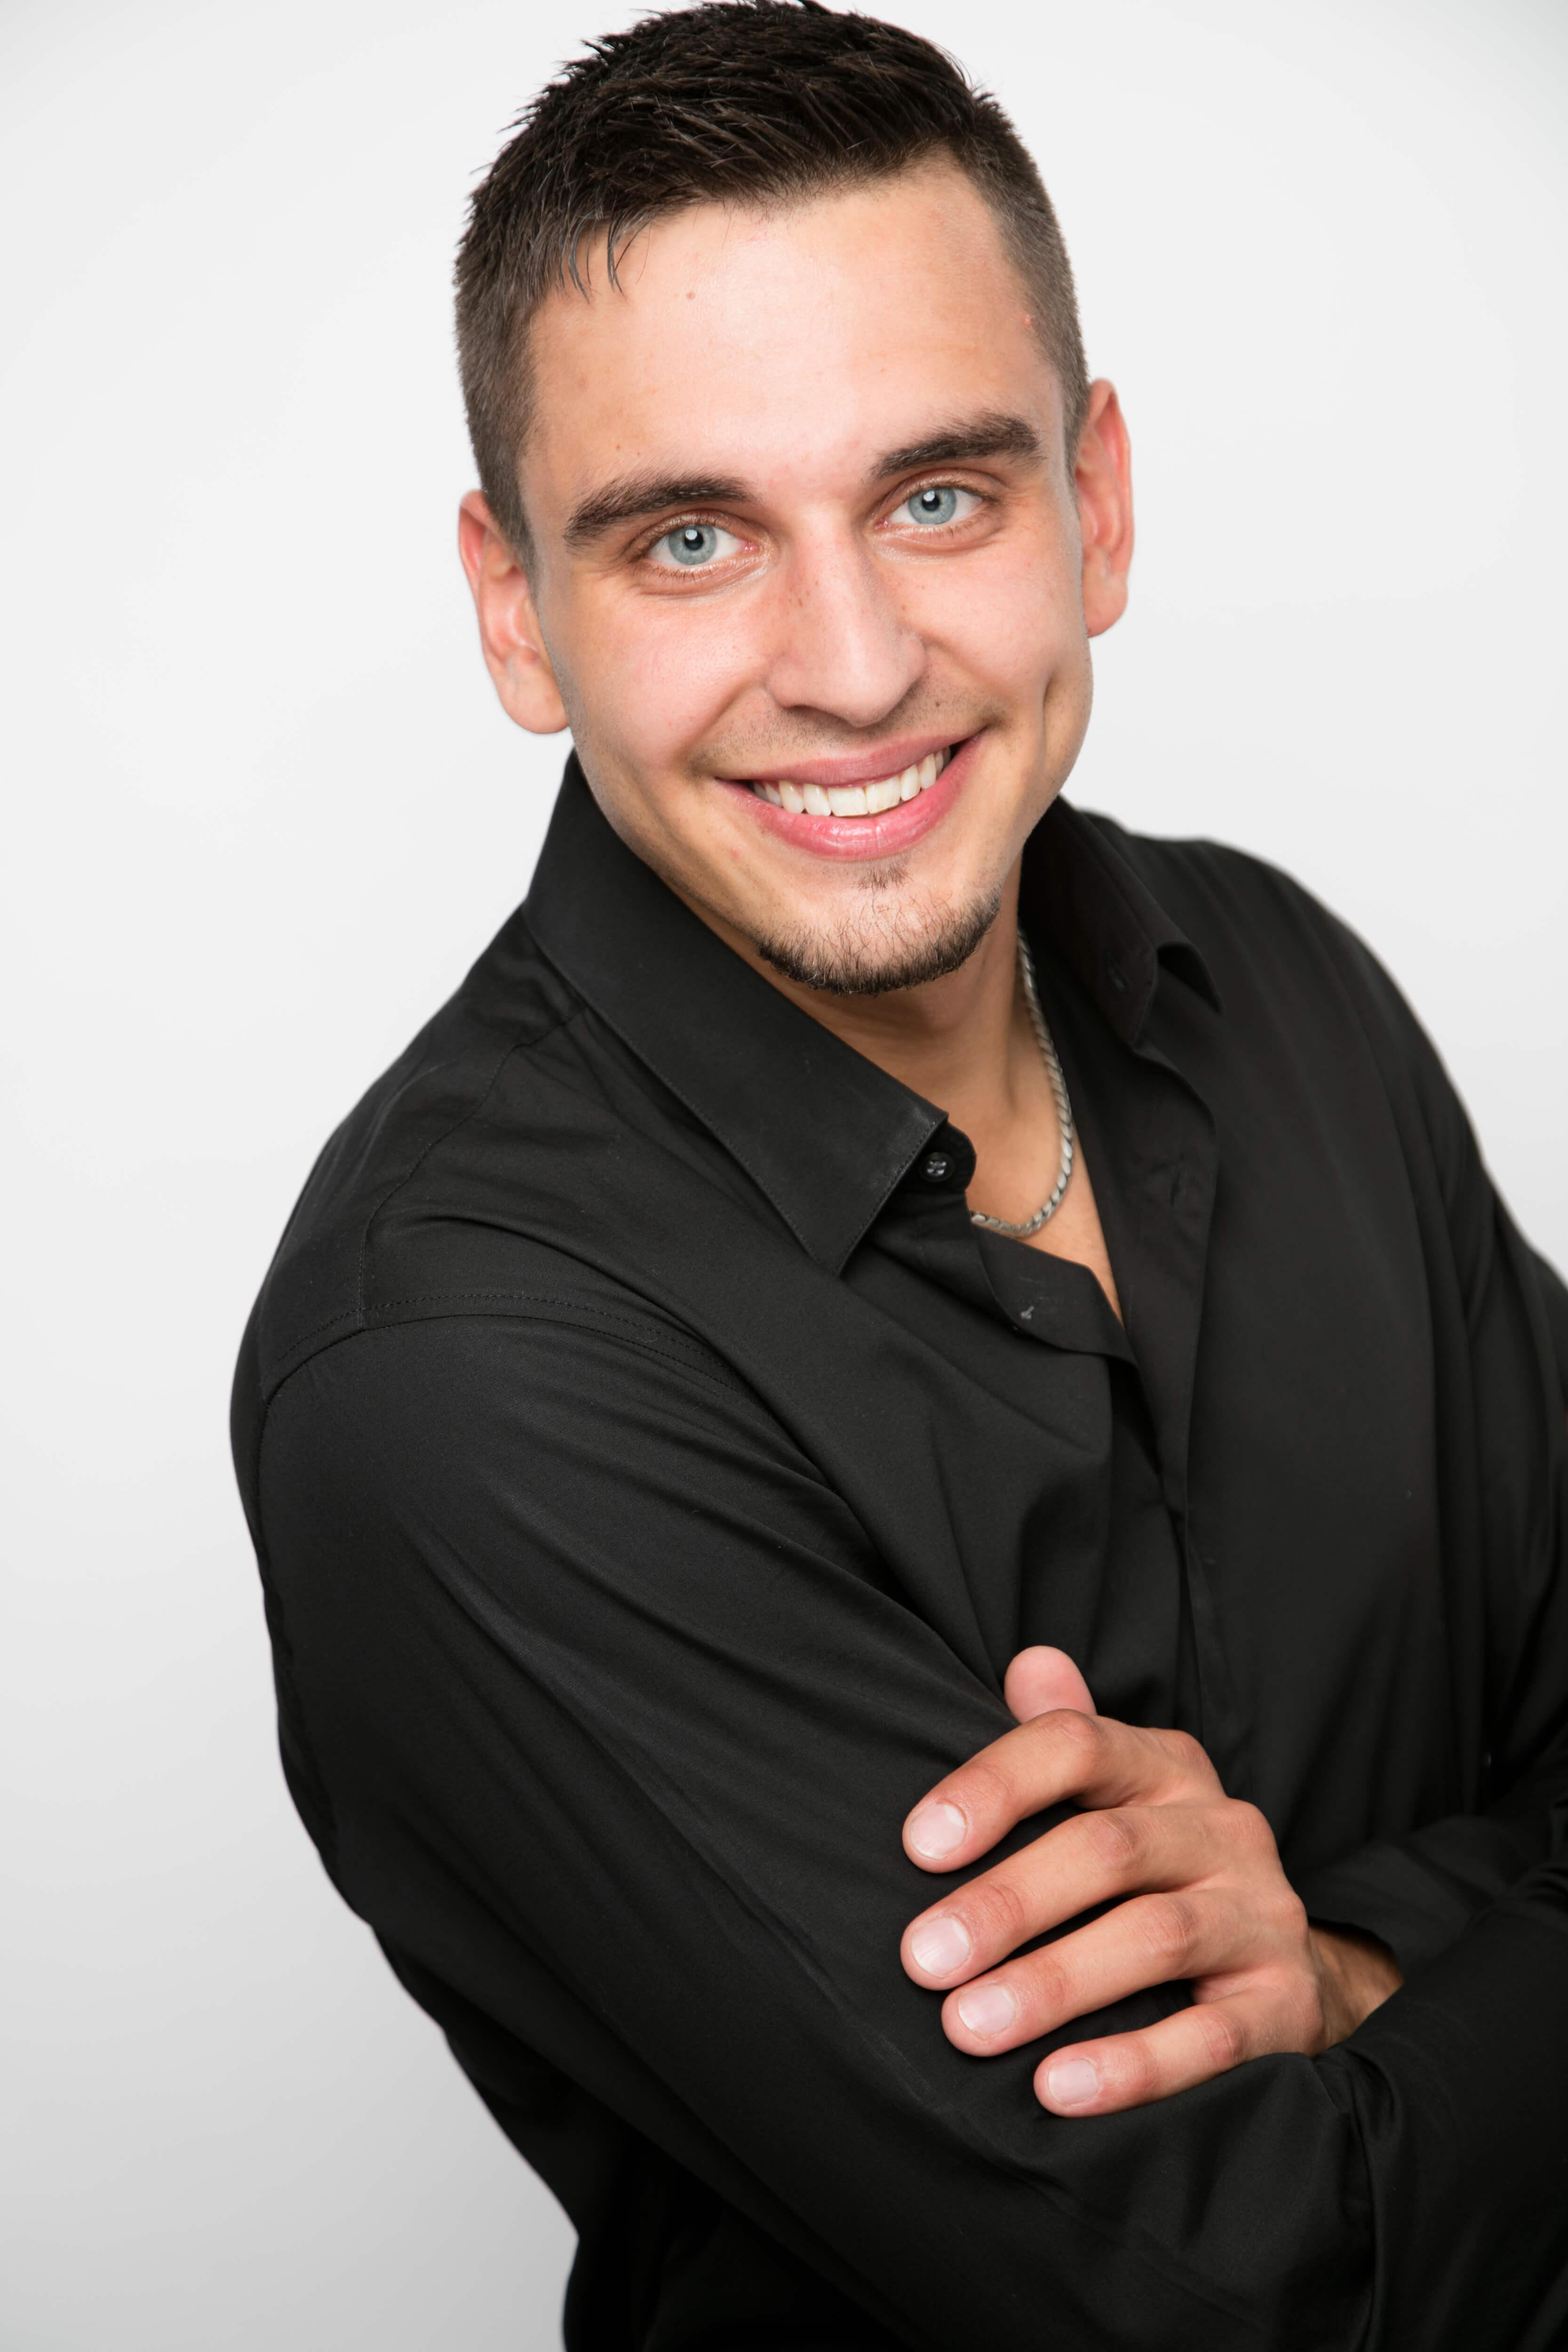 Christian Busenhard - Trainer für Auftrittkompetenz und Verkauf